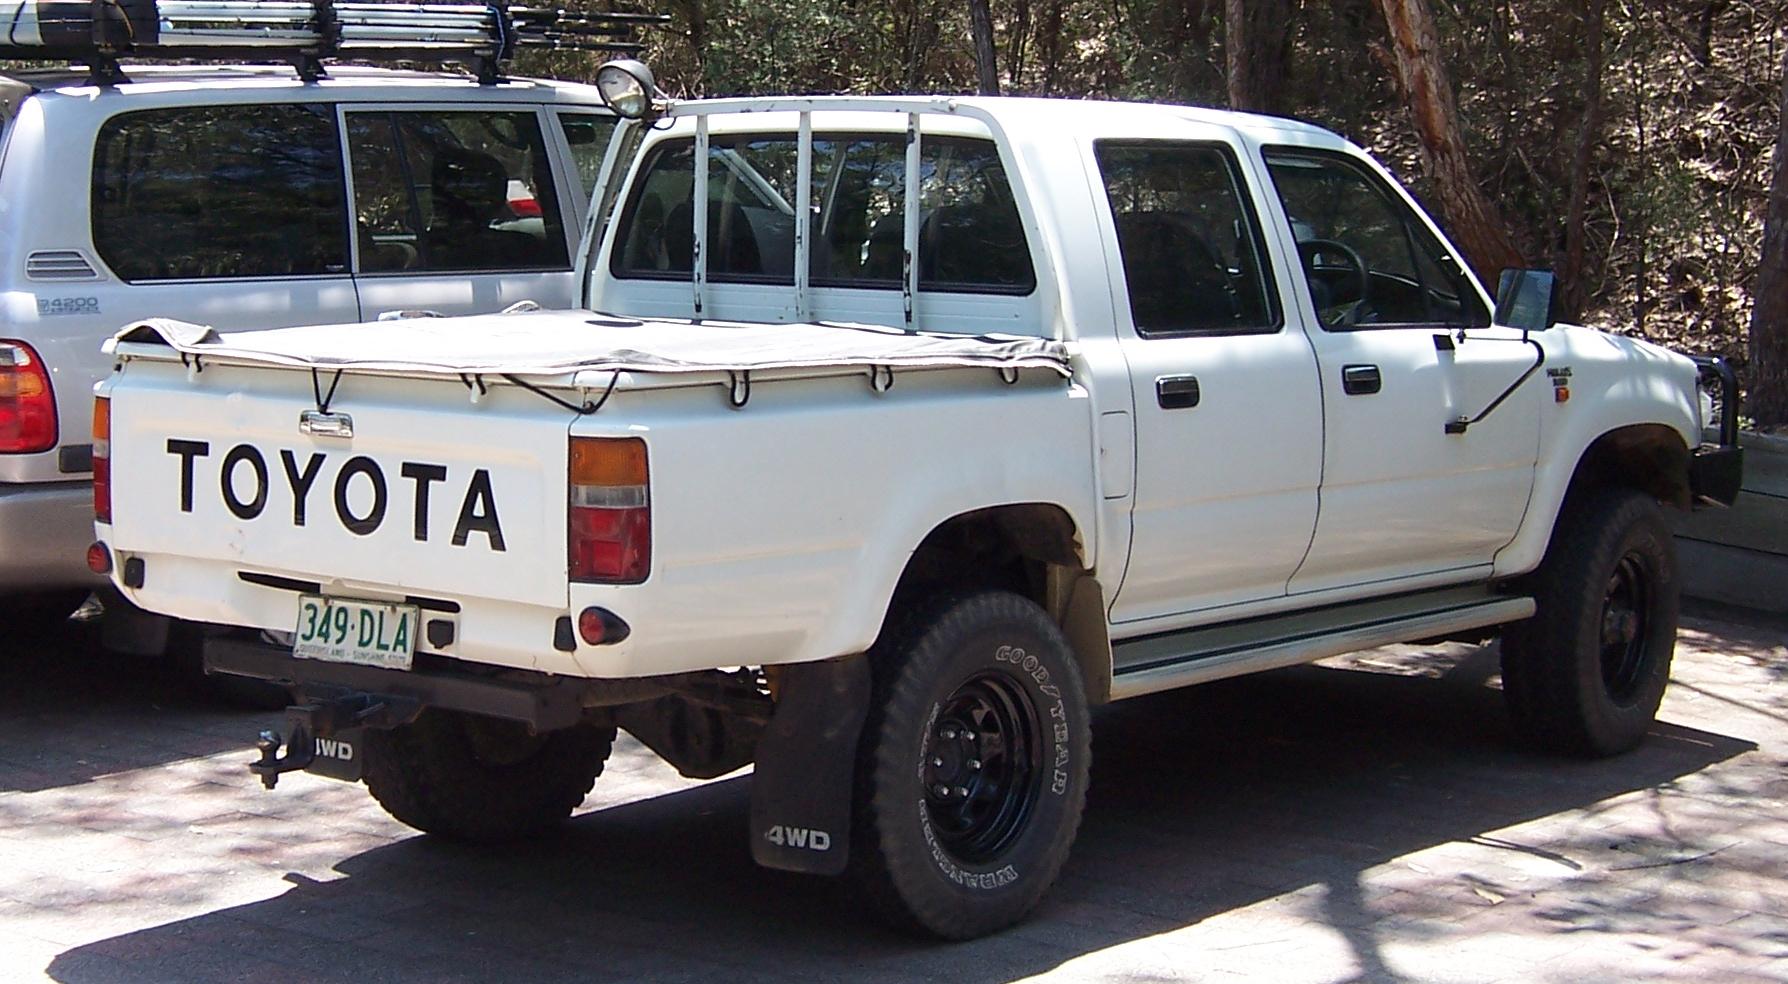 1997 Nissan Truck For Sale Description 1990-1997 Toyota Hilux (LN106R) DX 4-door utility (2007-09 ...